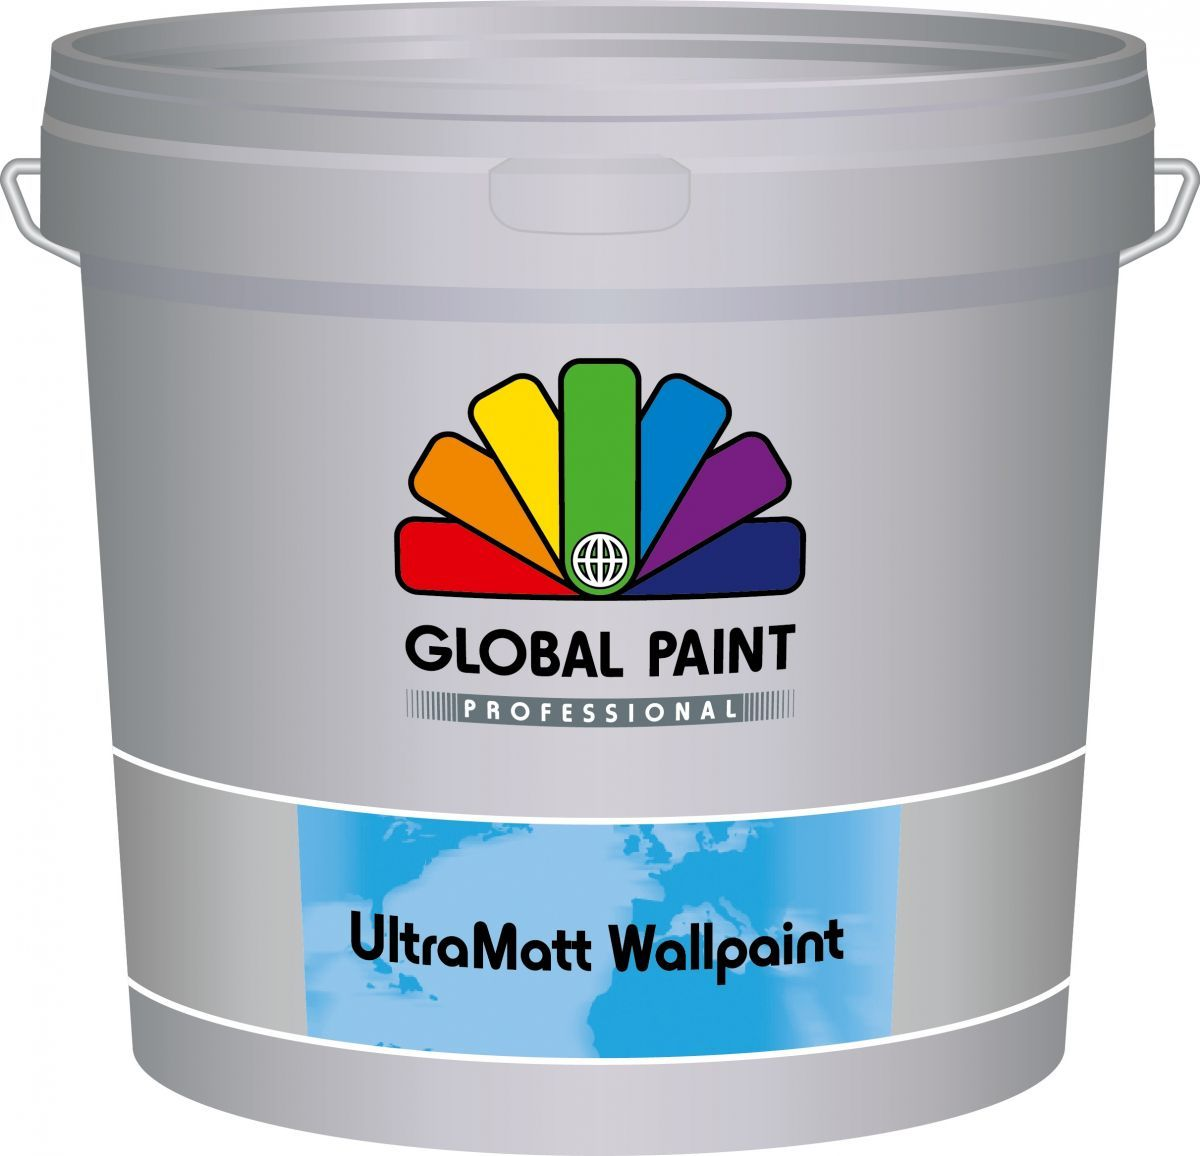 global paint ultramatt wallpaint 25 liter wit